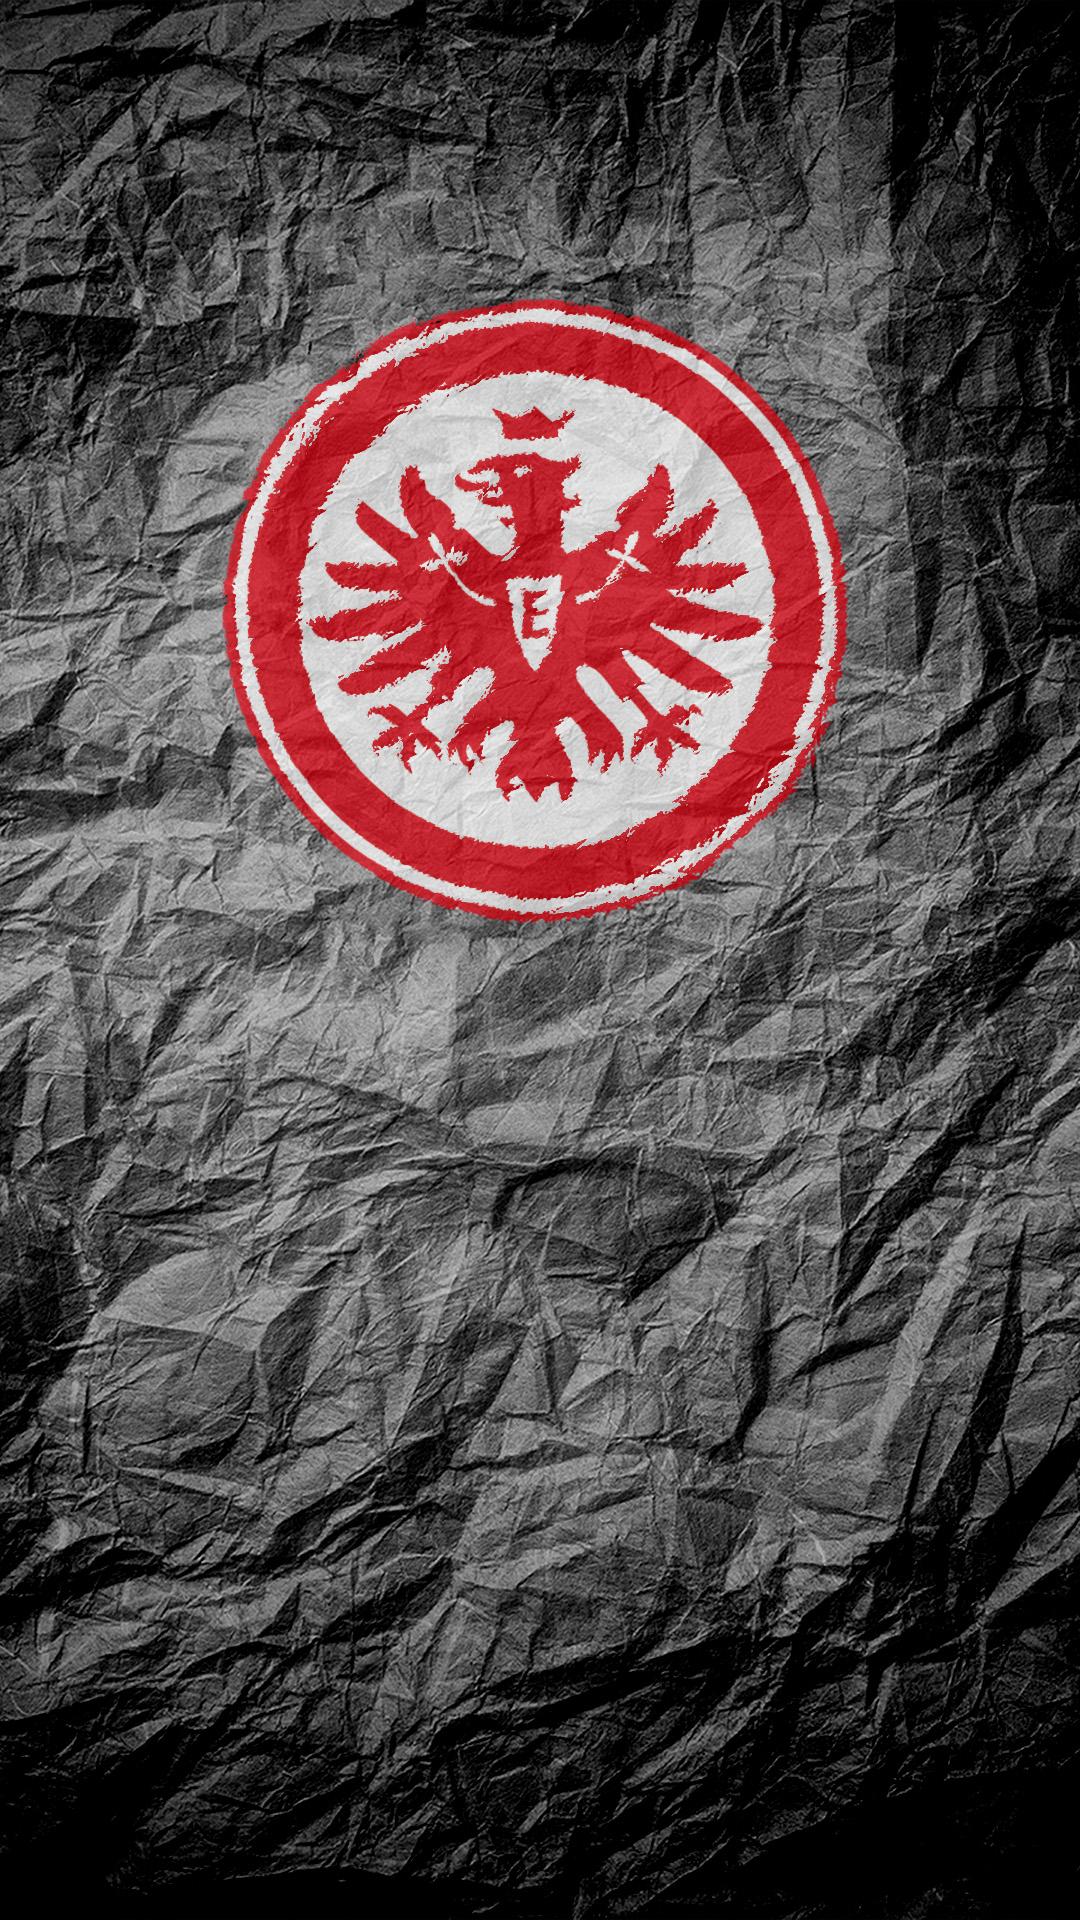 Sge Eintracht Frankfurt Eintracht Frankfurt 1203332 Hd Wallpaper Backgrounds Download